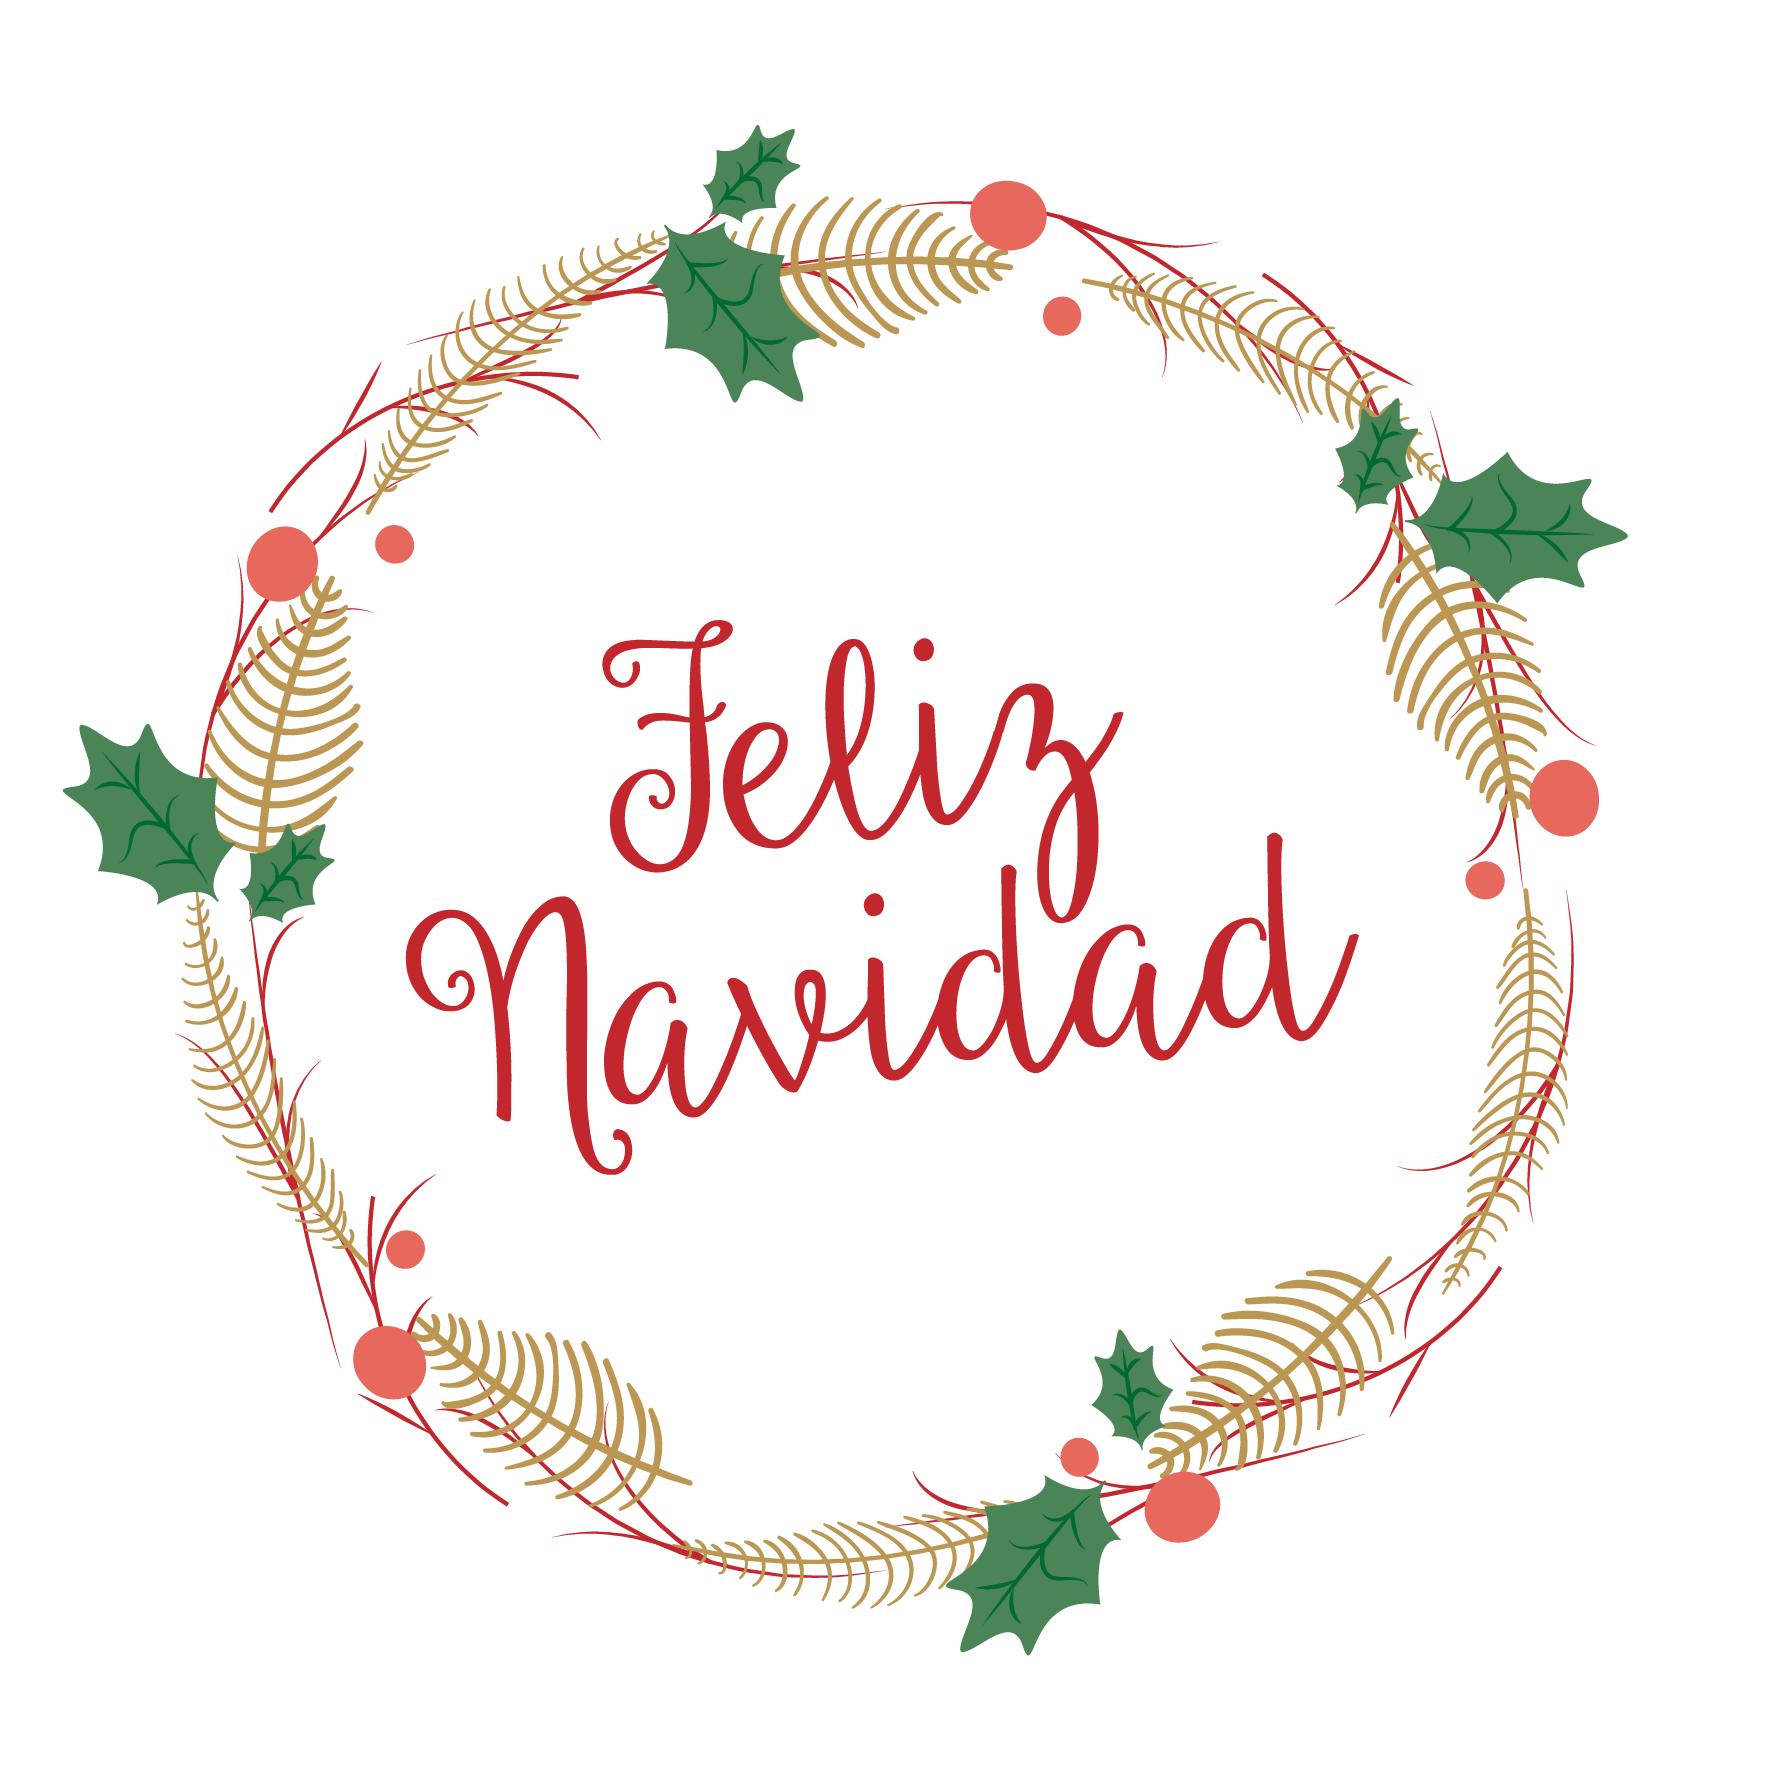 Feliz Navidad Marianela Delgado Merry Christmas Cards Merry